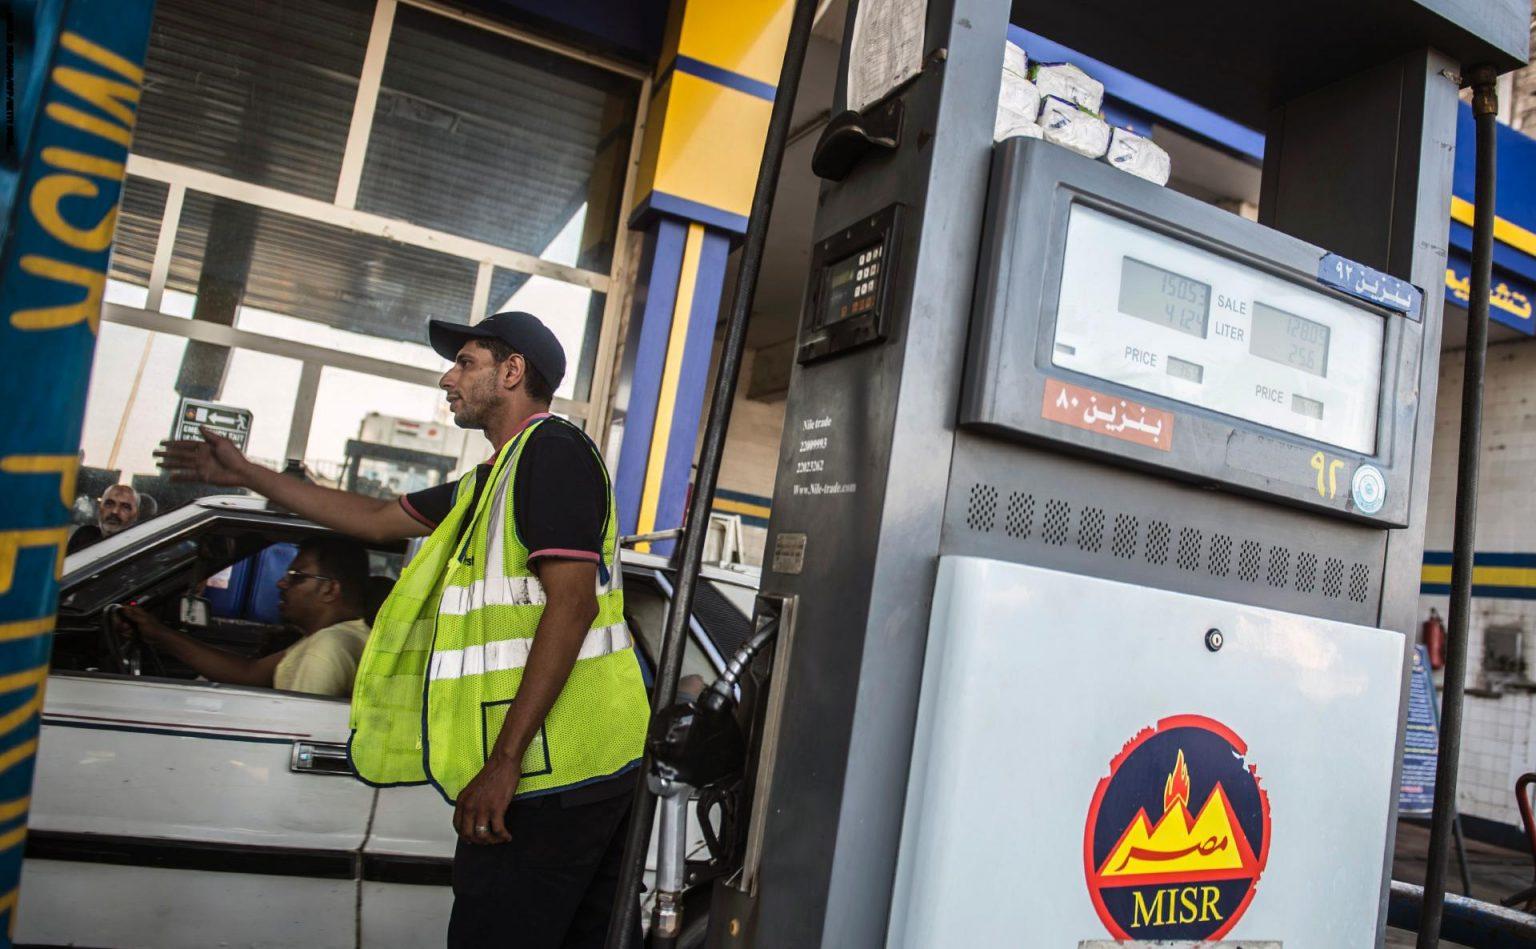 إعلان أسعار البنزين الجديدة في مصر خلال الأيام المقبلة و3 توقعات لسعر البنزين والسولار